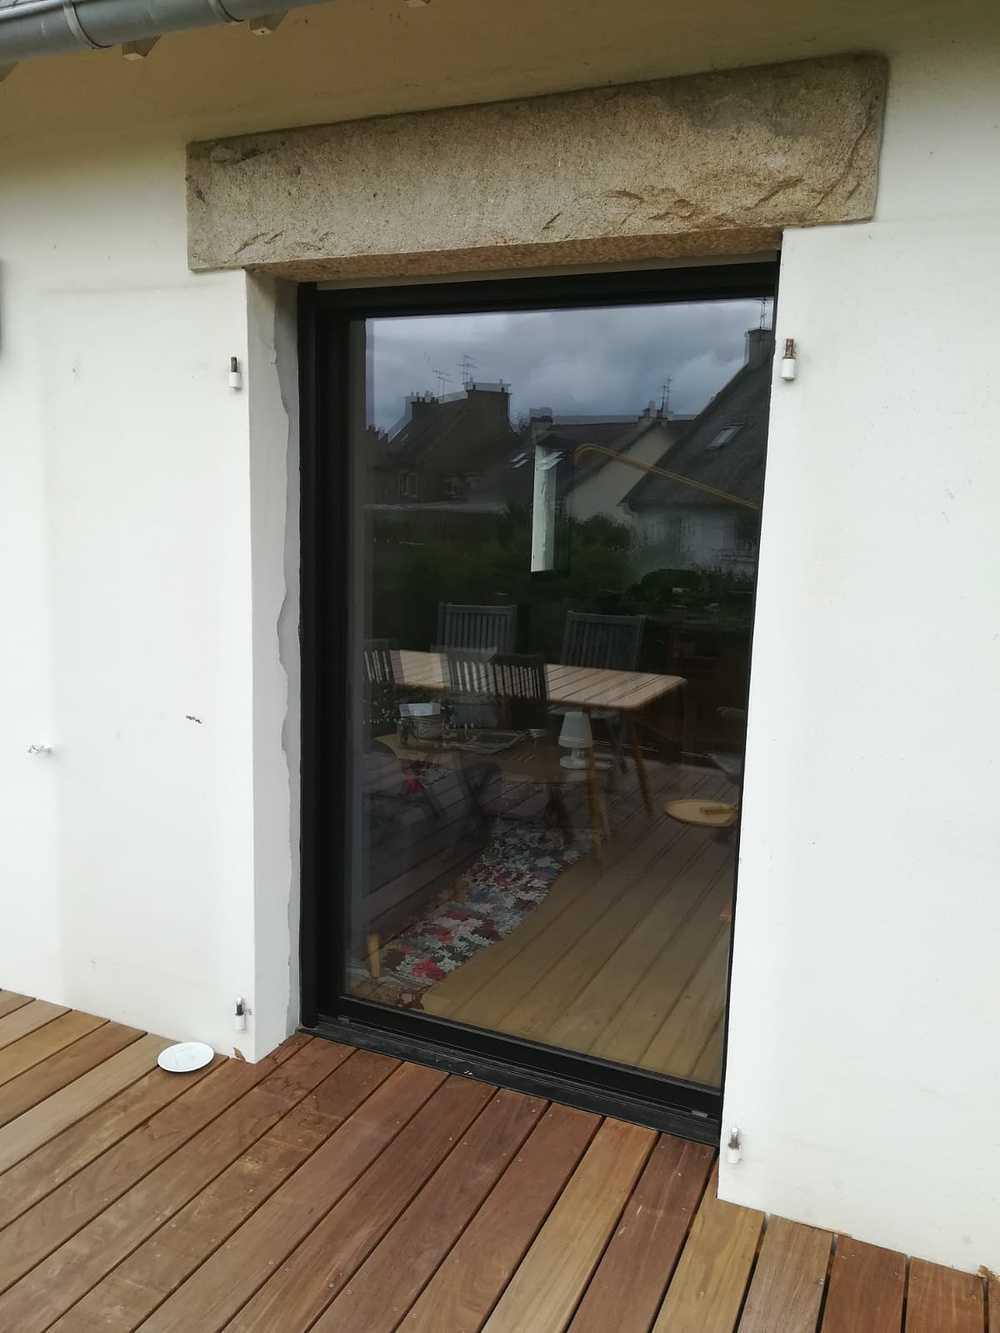 Rénovation fenêtres et baise vitrées alu 0